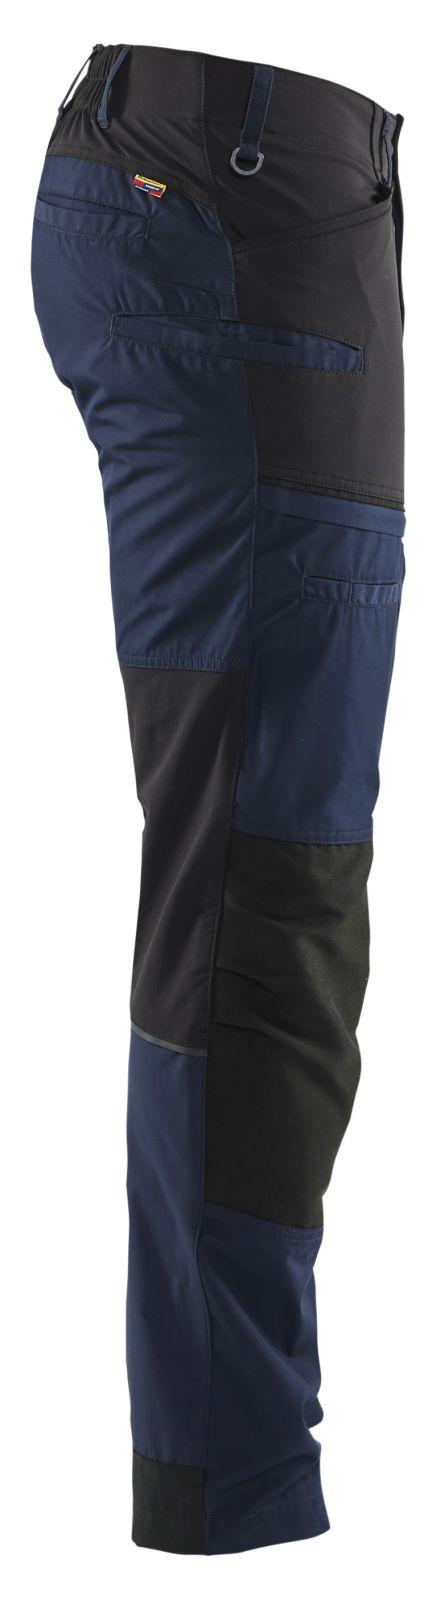 Blaklader Broeken 14561845 met Stretch donker marineblauw-zwart(8699)